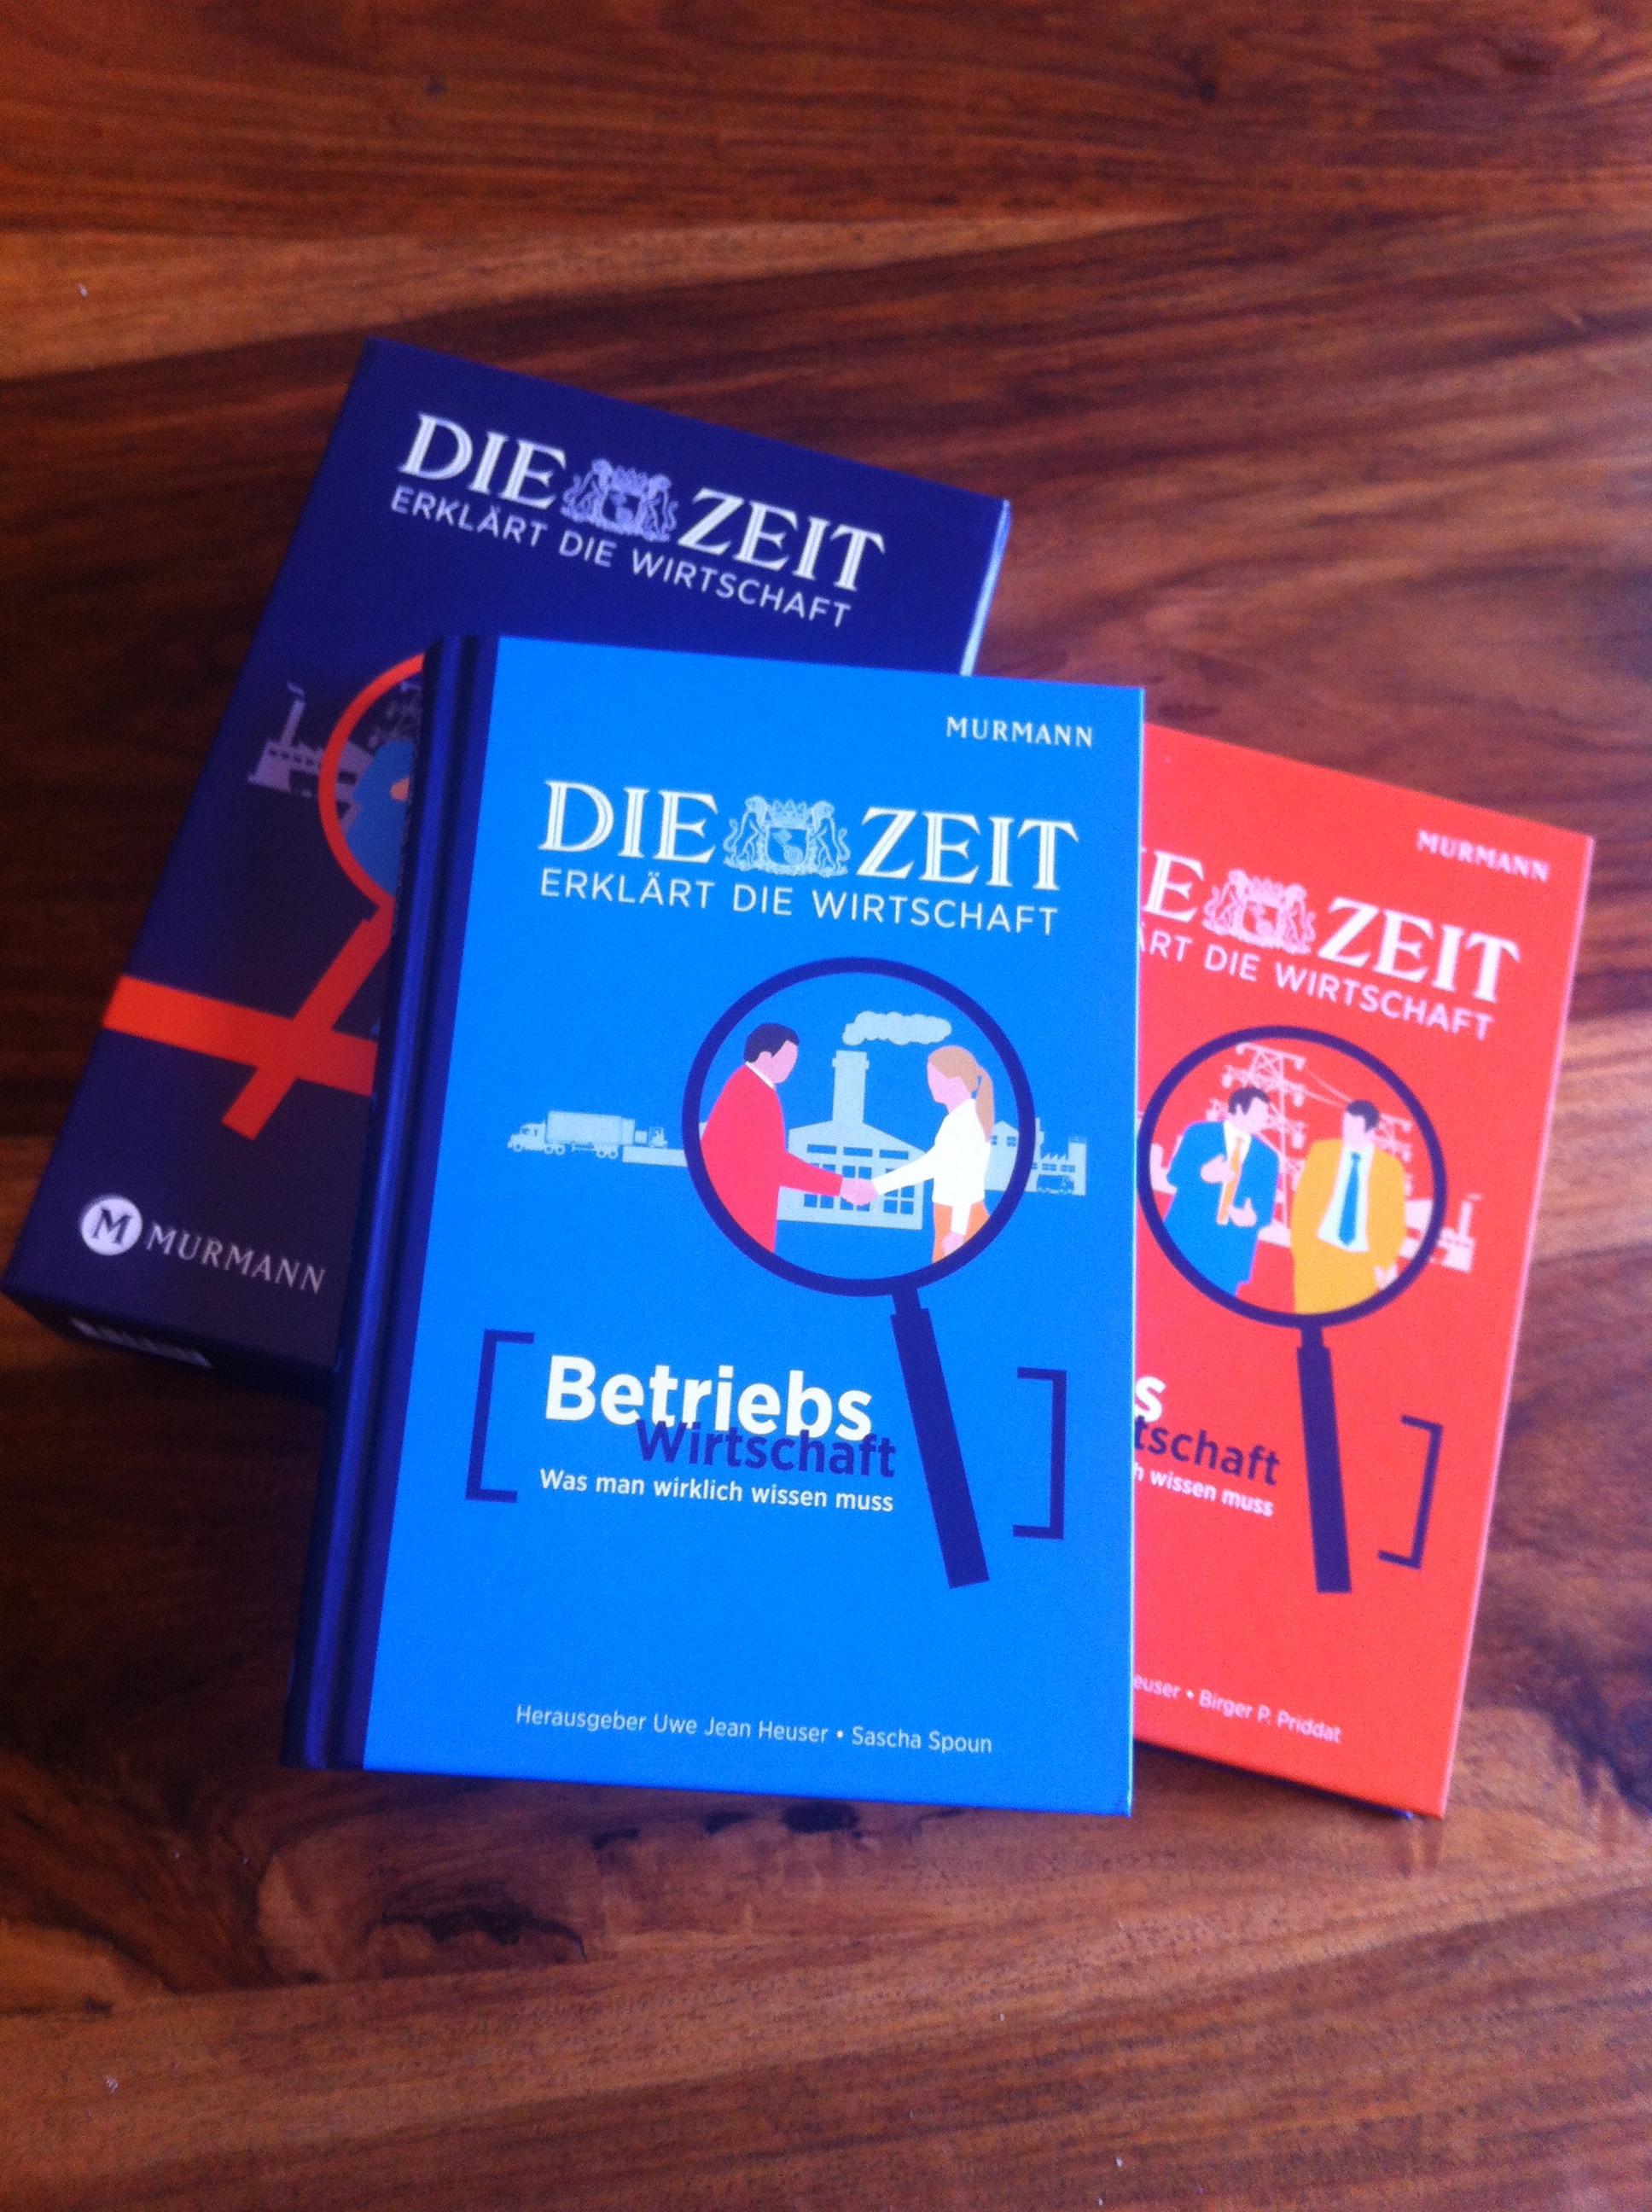 Foto DIE ZEIT erklärt die Wirtschaft - mit Beitrag von Gunnar Brune